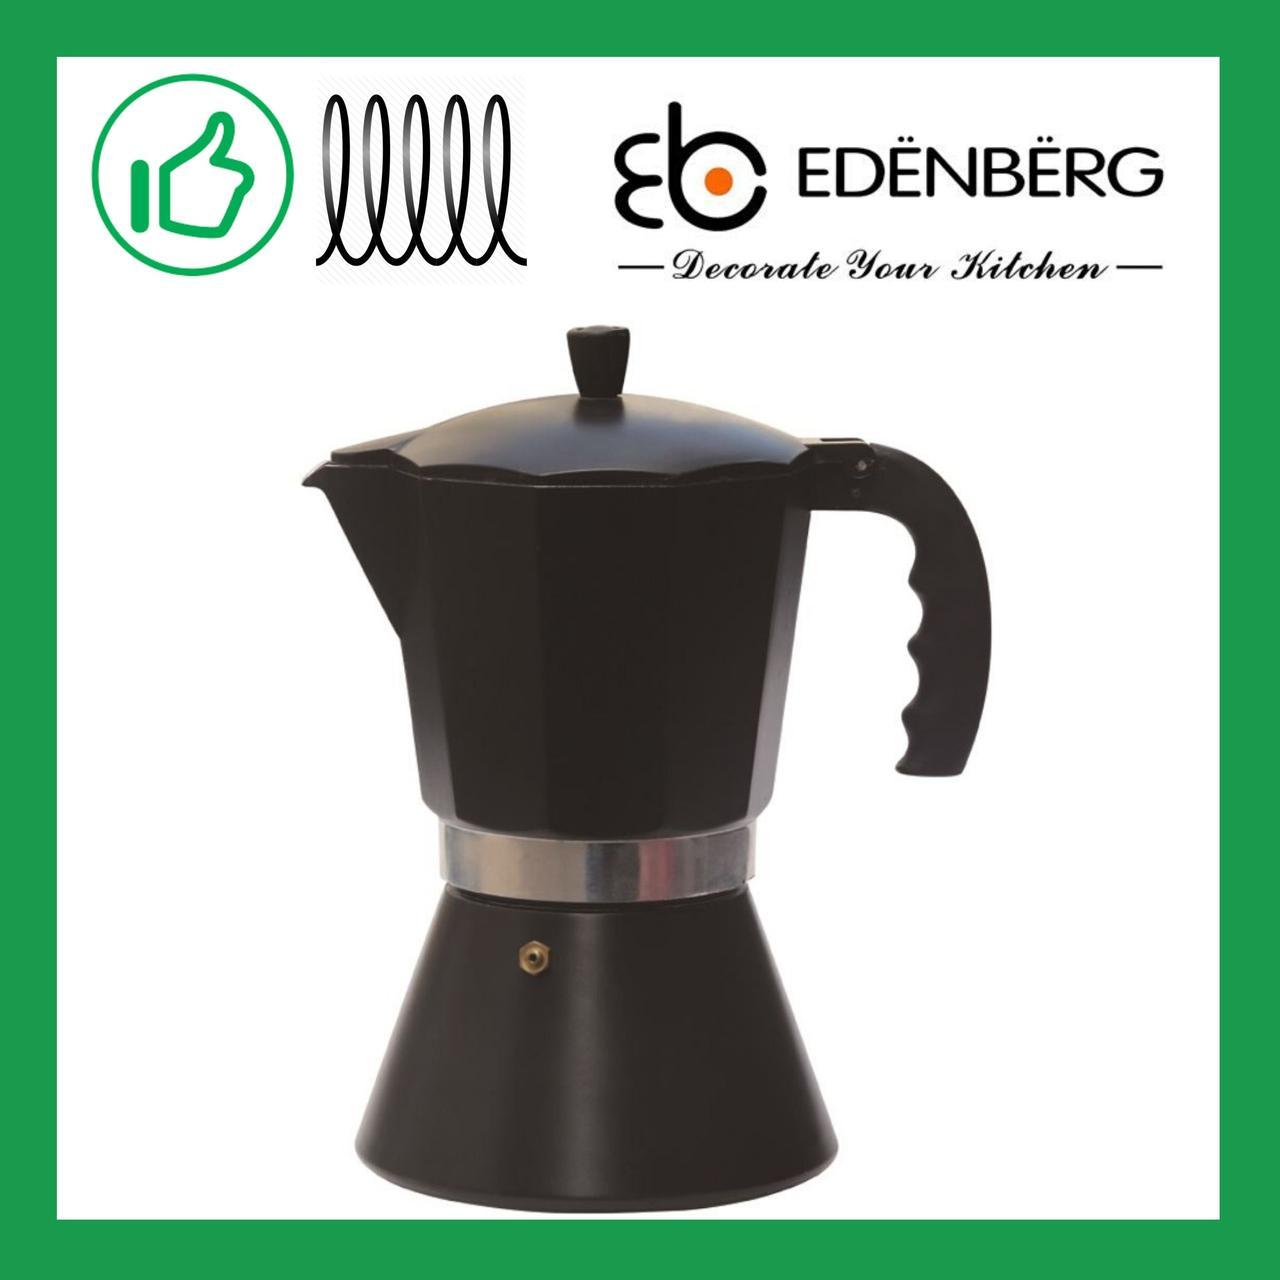 Кофеварка Edenberg гейзерная 300 мл (EB-1816)